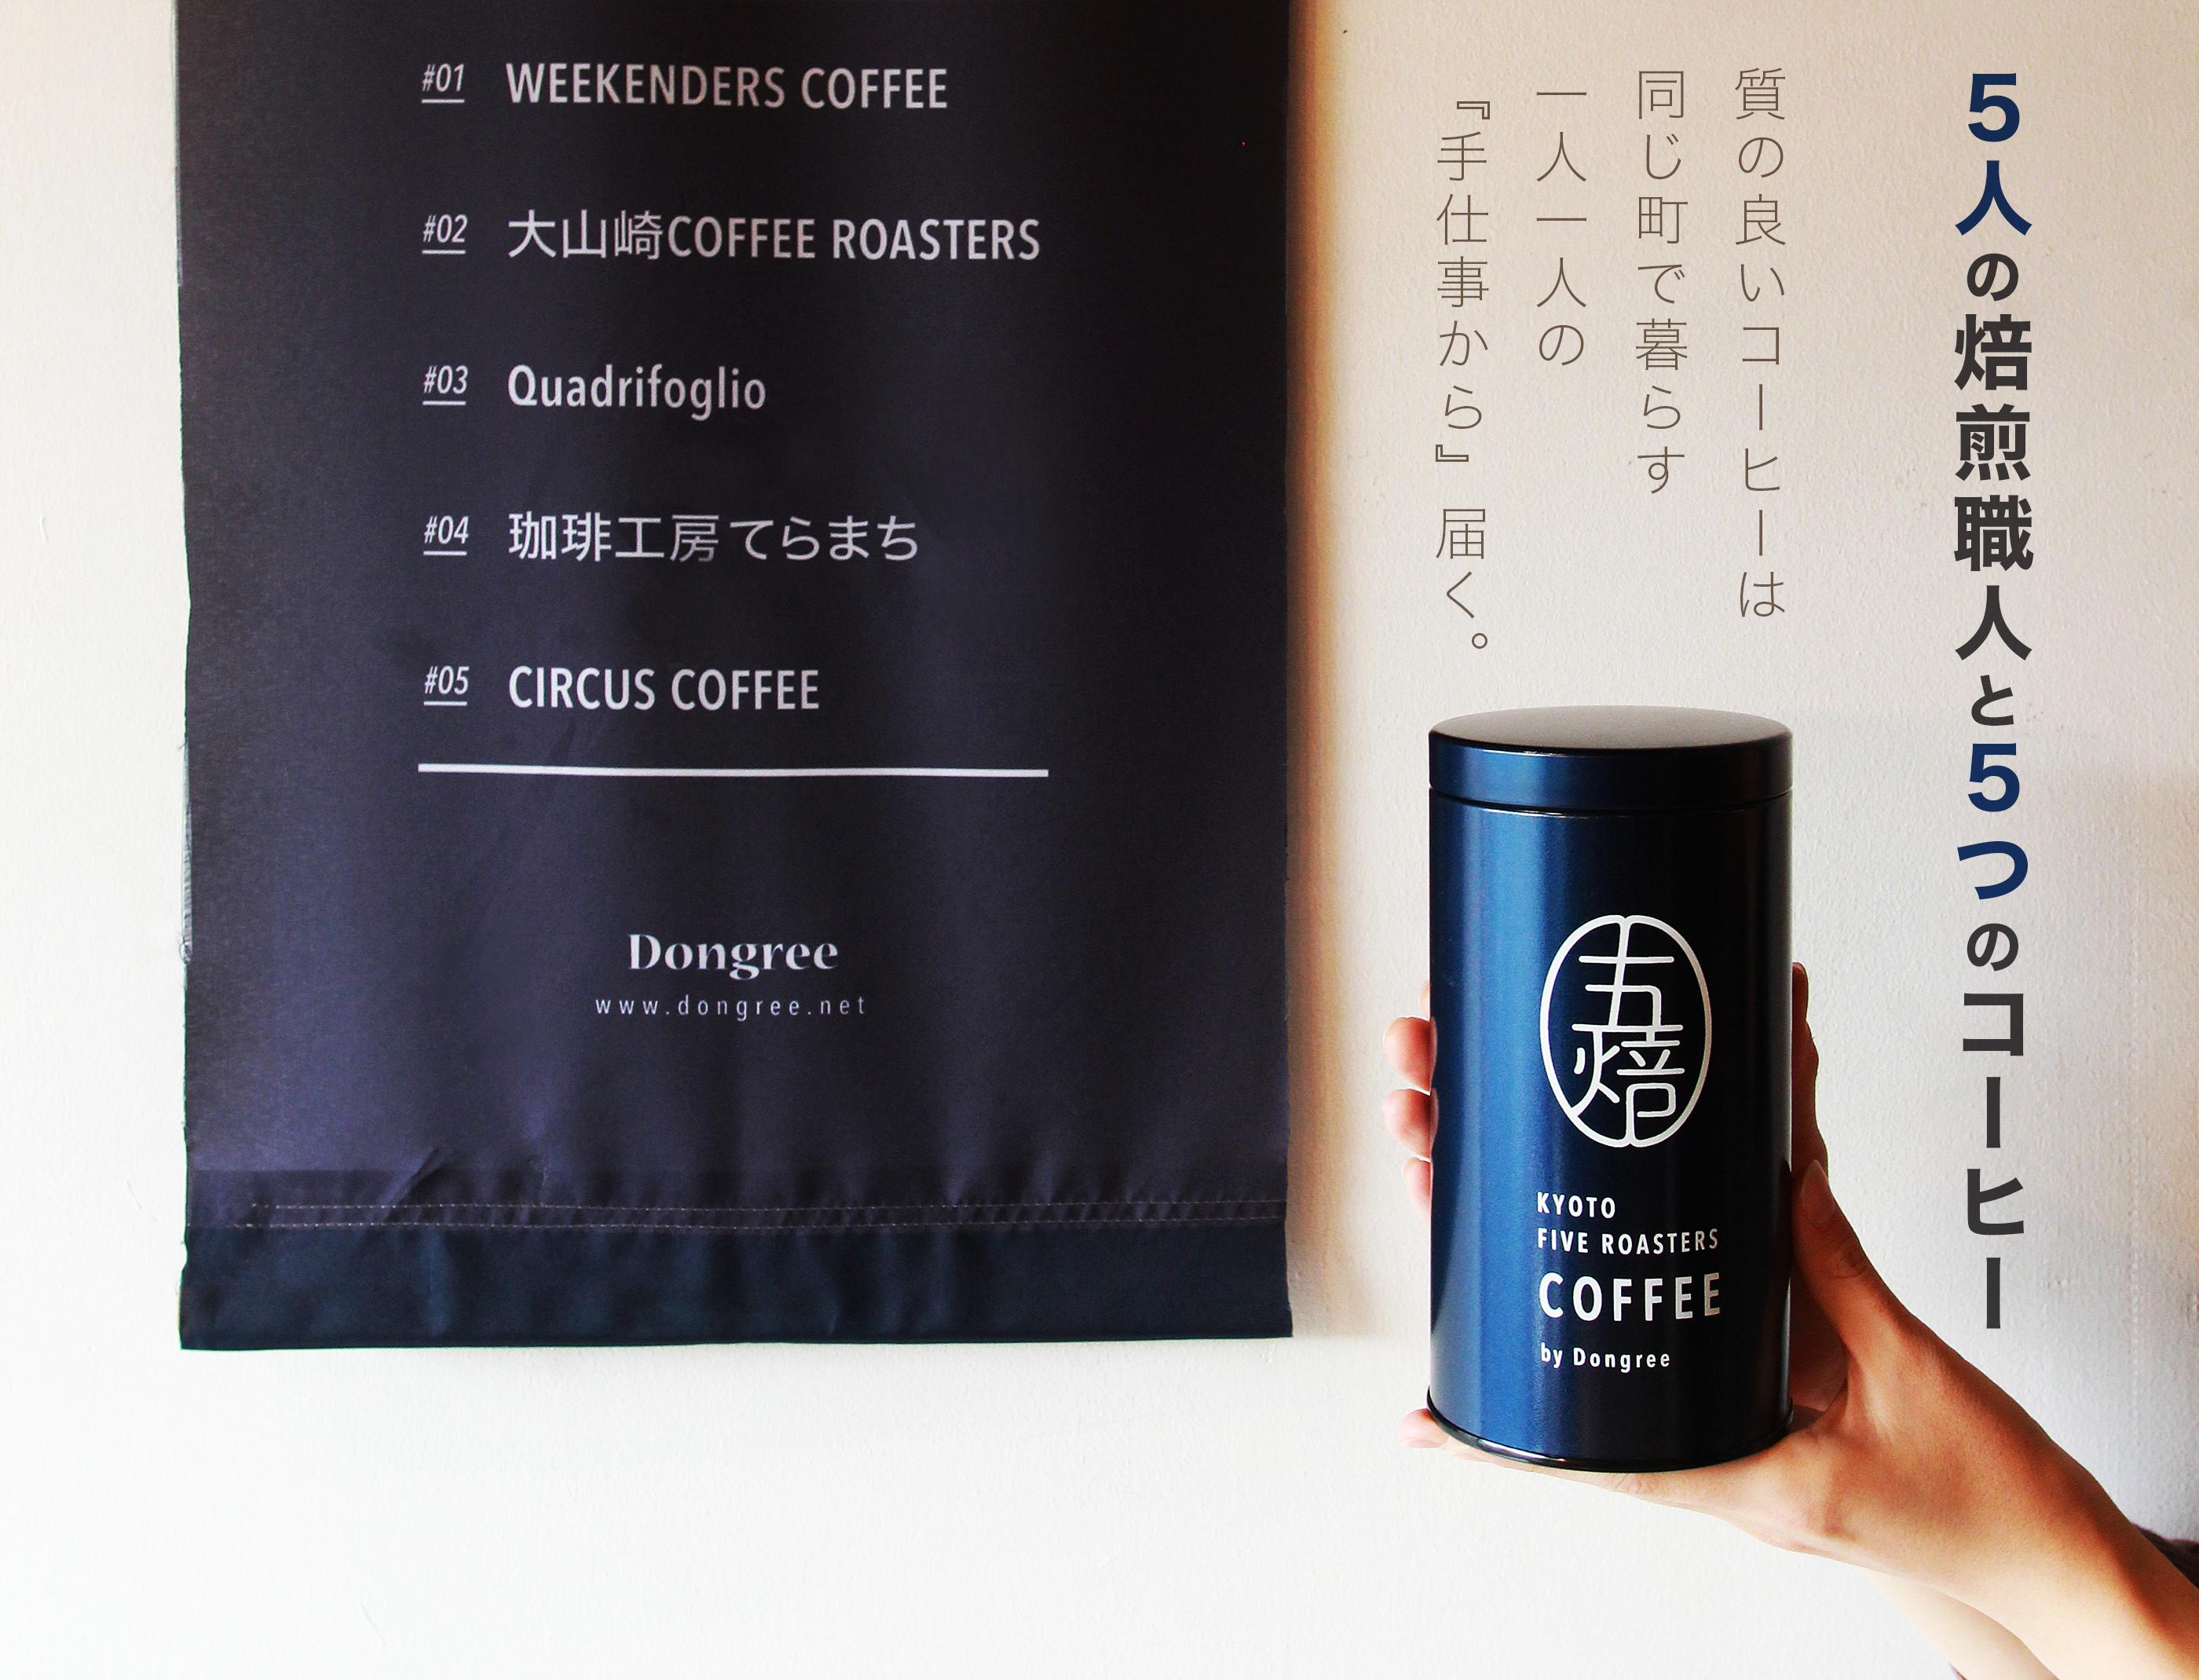 """五焙 """"gobai""""  KYOTO FIVE ROASTERS COFFEE 〜京都5焙煎職人のコーヒー豆&オリジナル保存缶セット〜"""